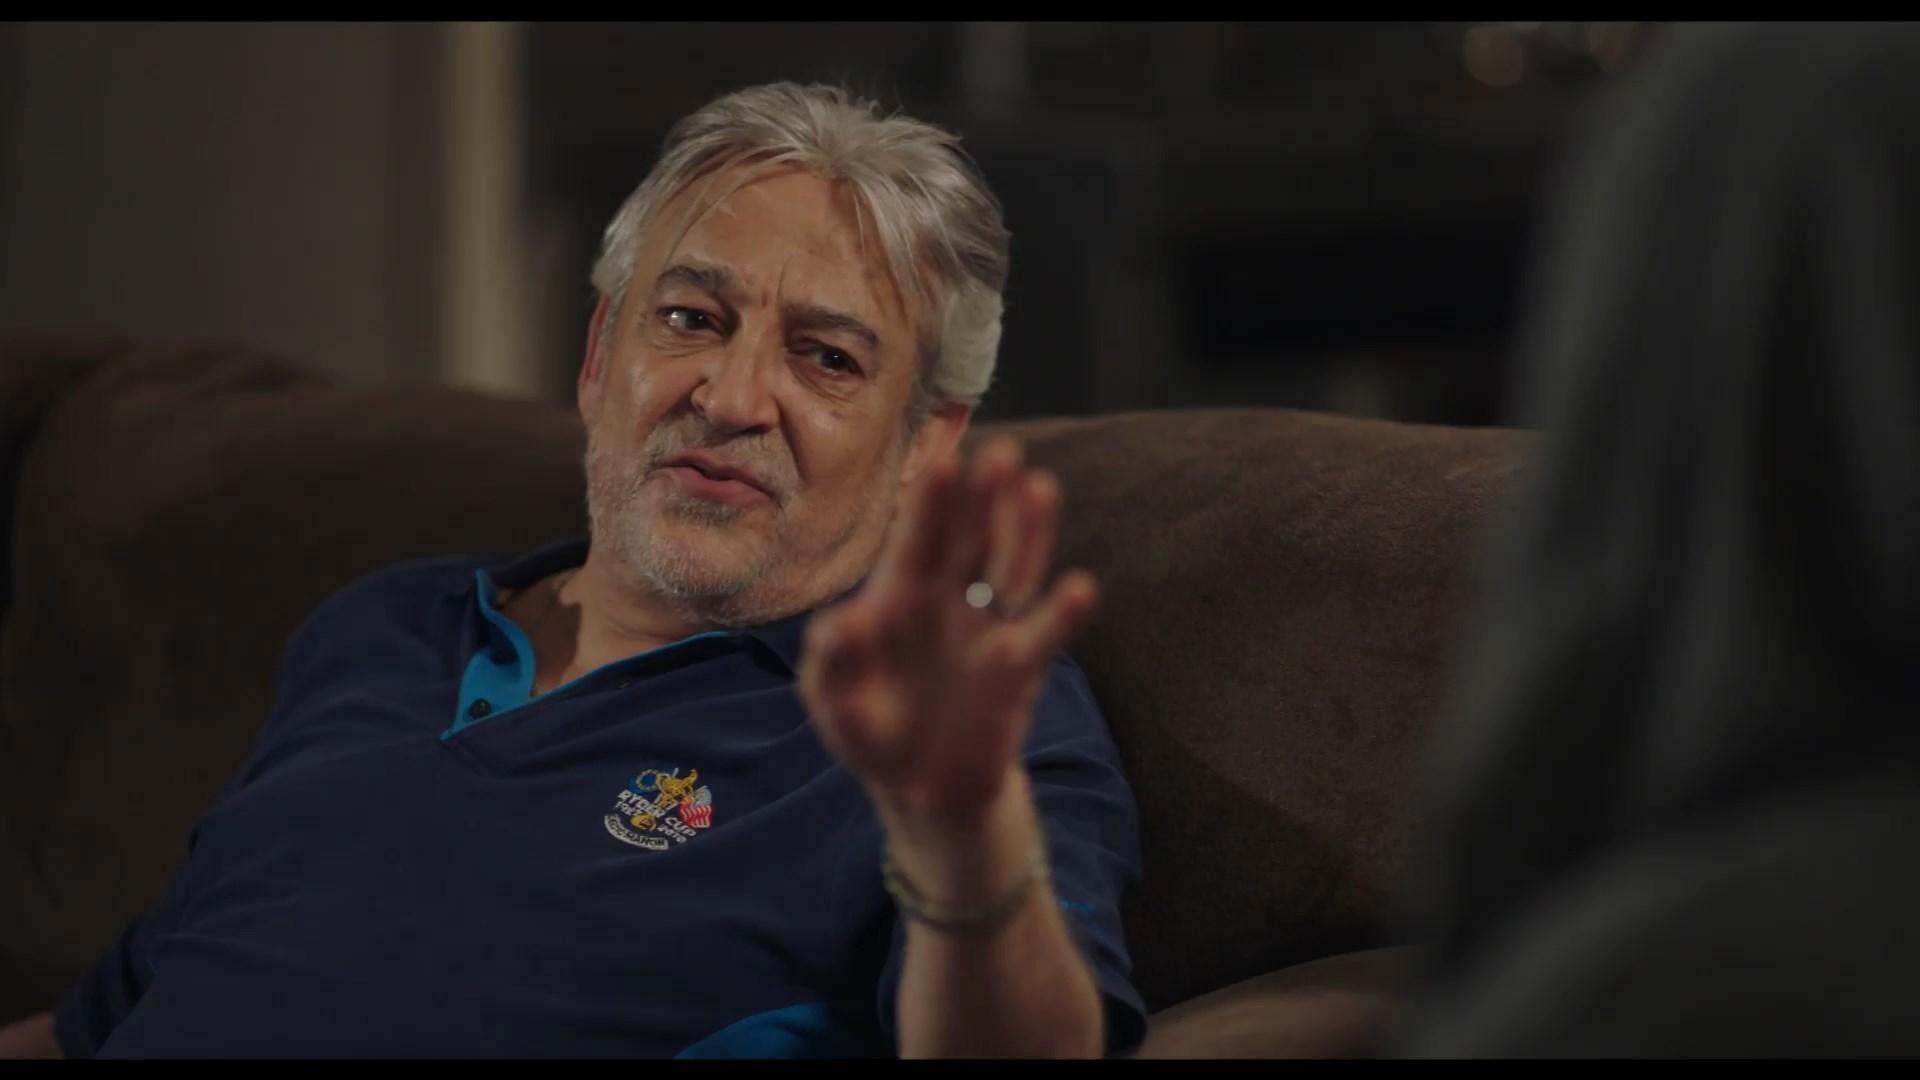 مسلسل الوجه الآخر الحلقة السابعة (2020) 1080p تحميل تورنت 7 arabp2p.com